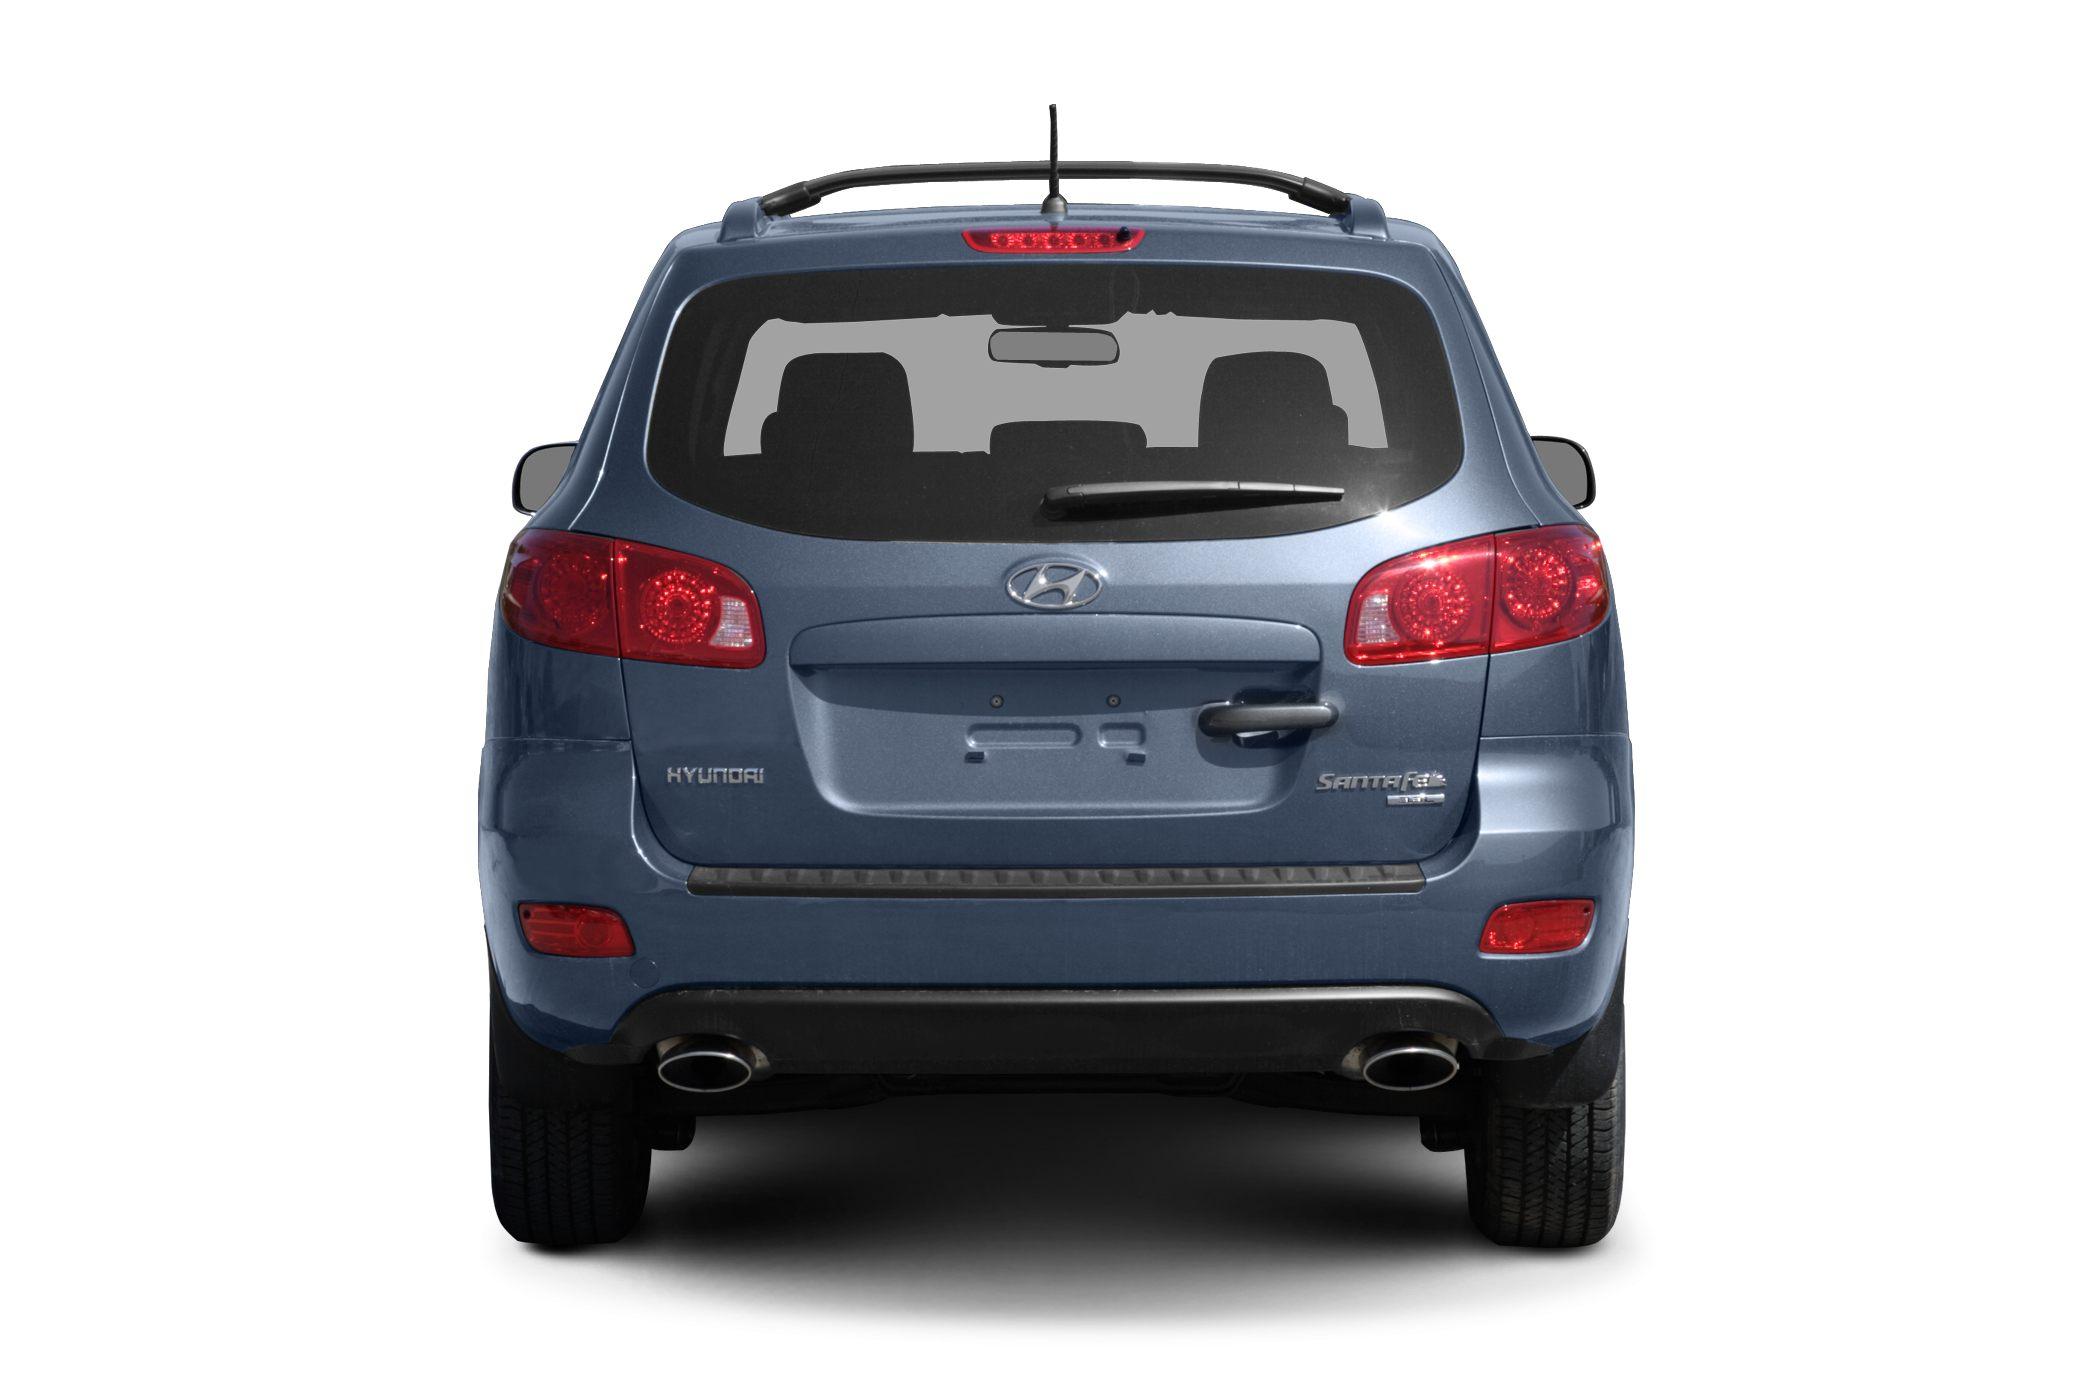 Used 2008 Hyundai Santa Fe Inventory Vehicle Details at Ipswich